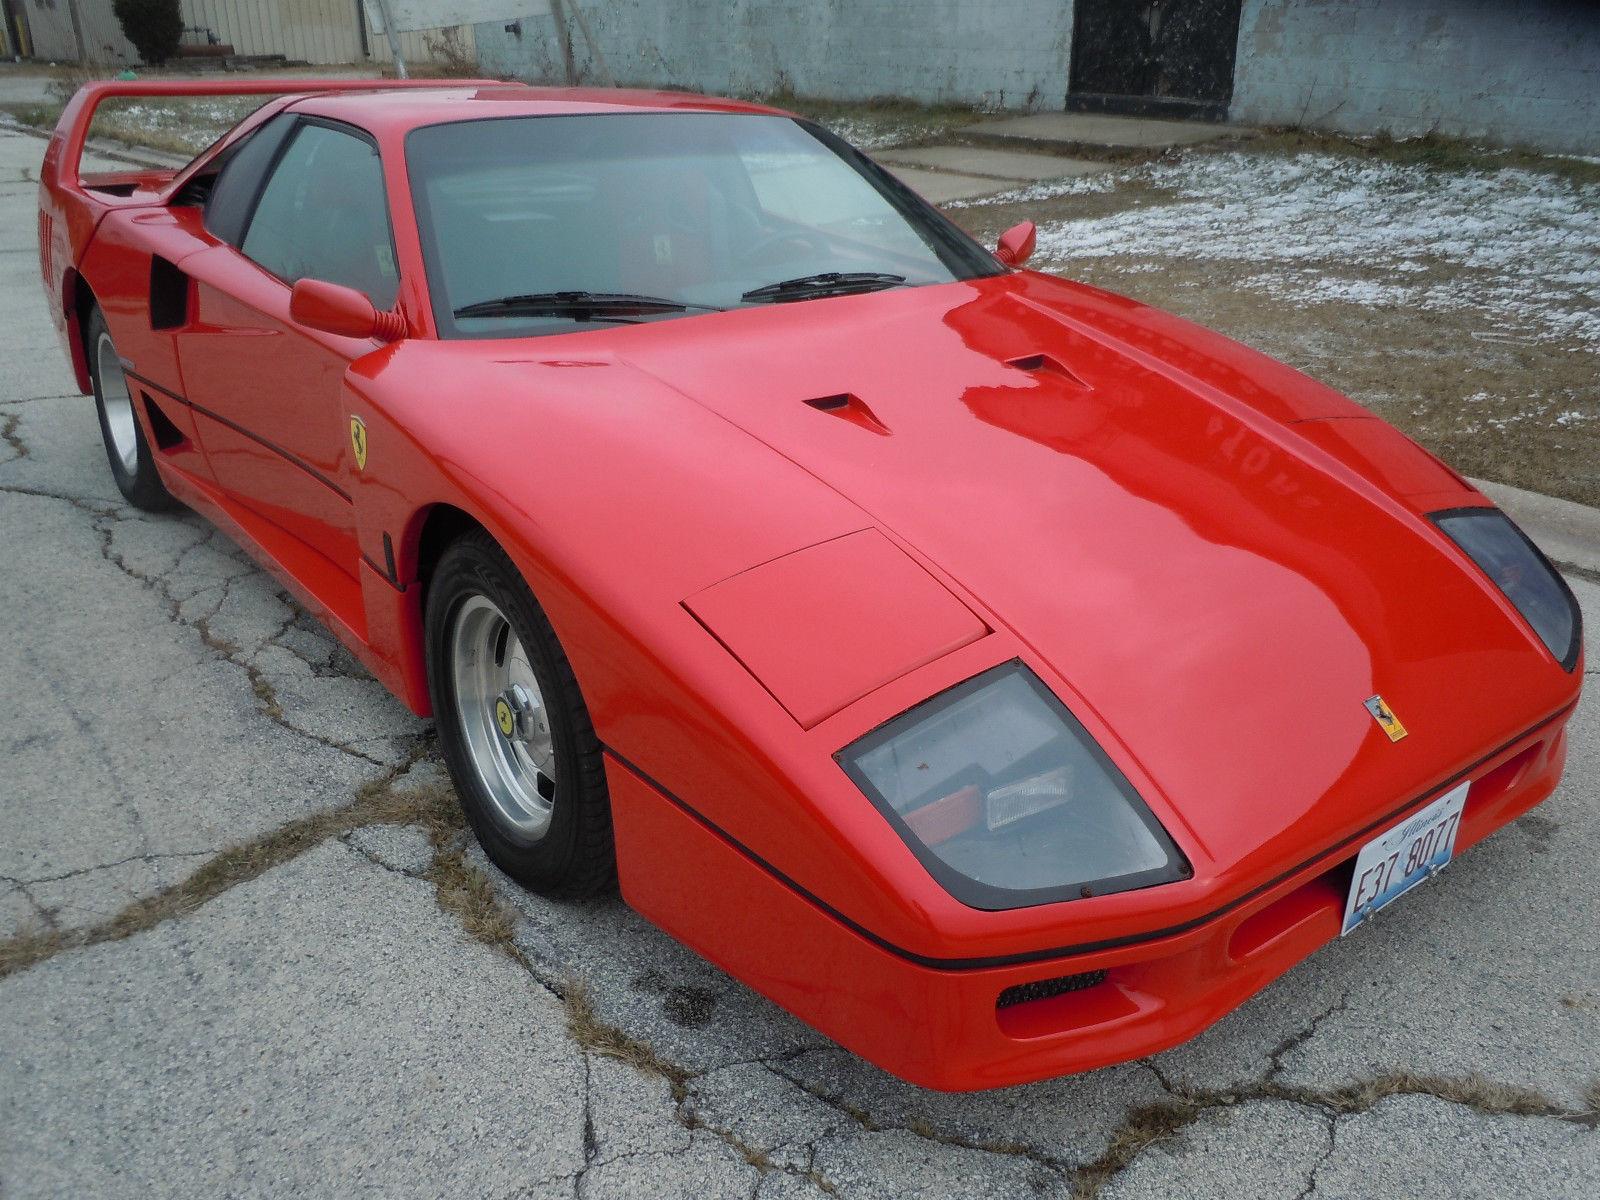 Ferrari F40 For Sale >> BangShift.com ferrari F40 kit car for sale on eBay